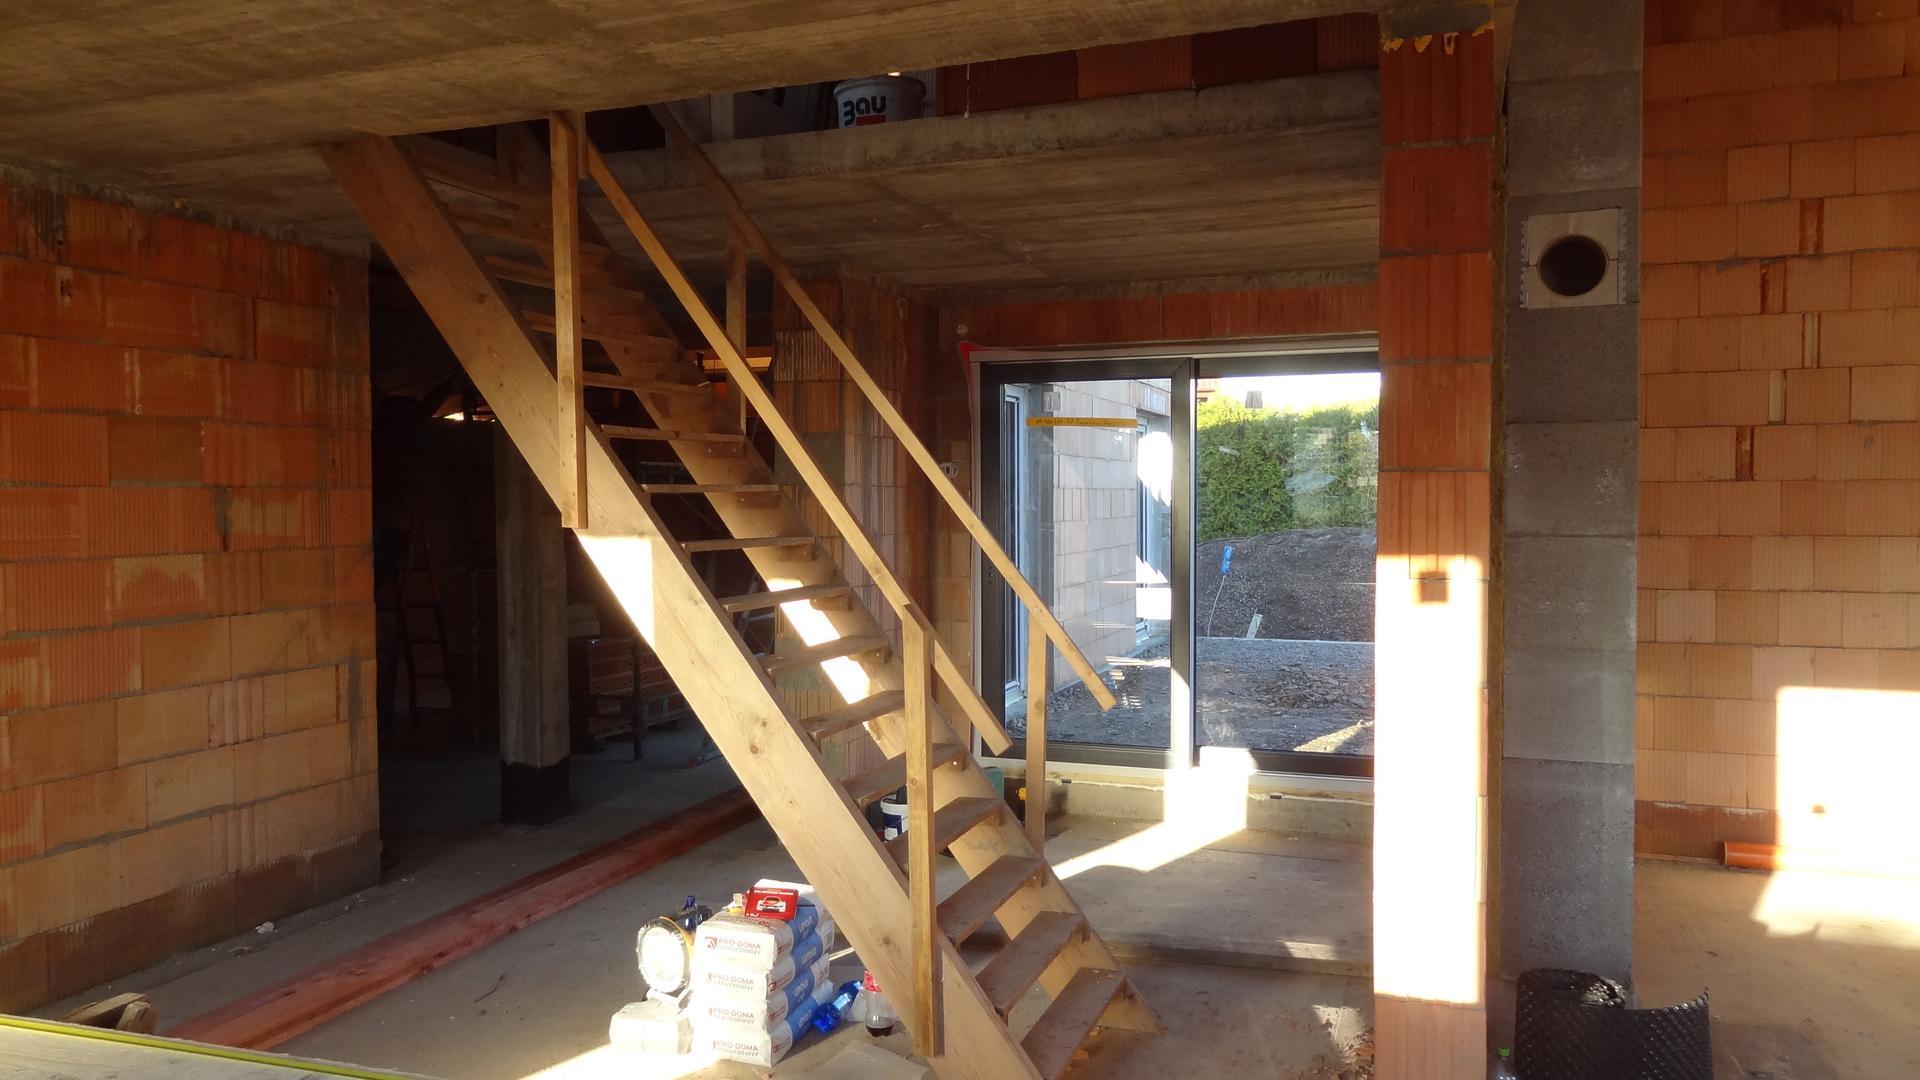 Stavba domečku pokračuje - Teď už jen elektřina, voda, omítky, podlaha, krb, stropy, koupelny, dlažba, fasáda, terasy a je to :)